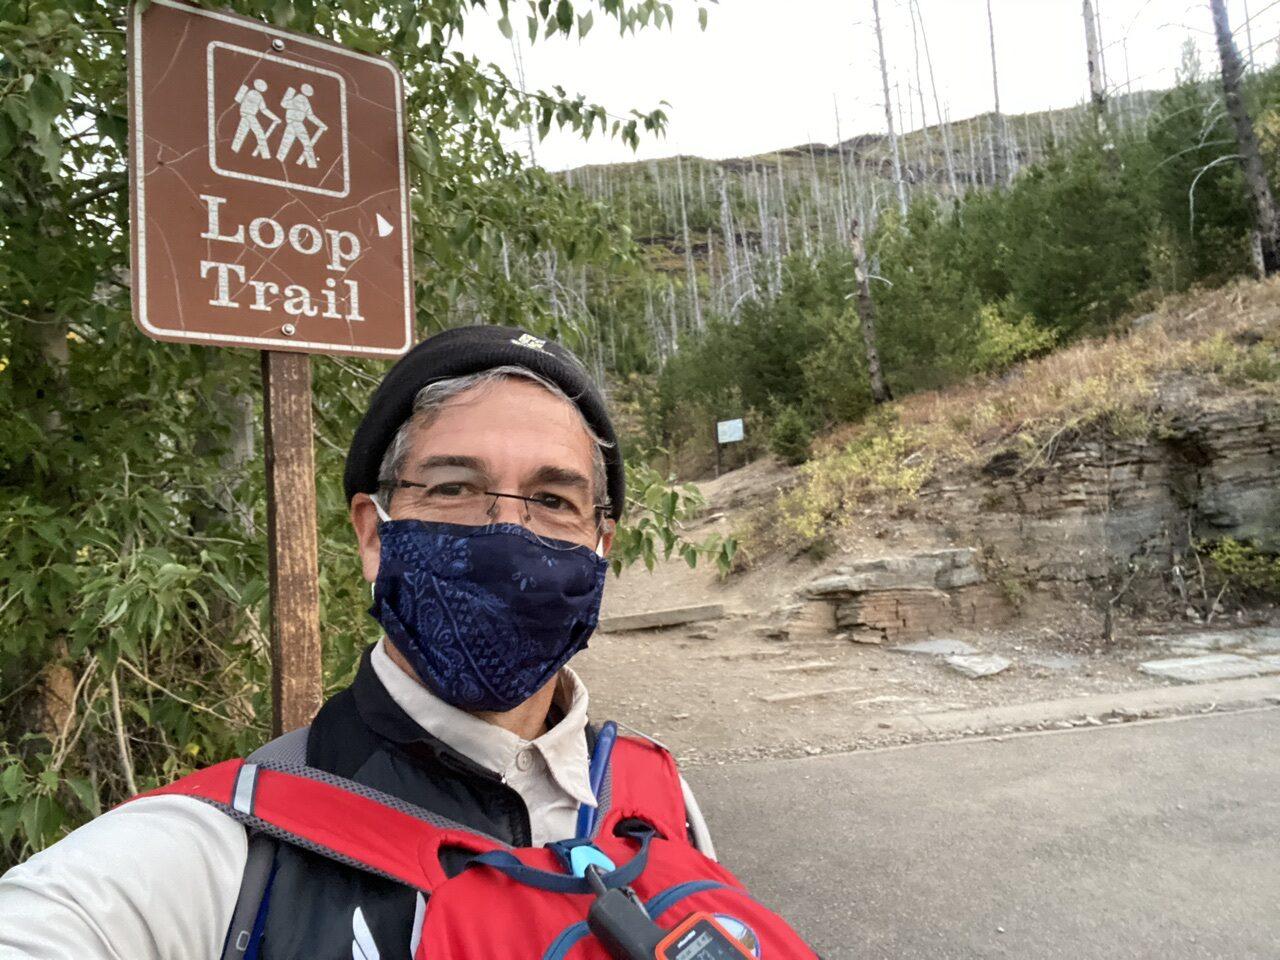 jeff noel at Loop trail trailhead